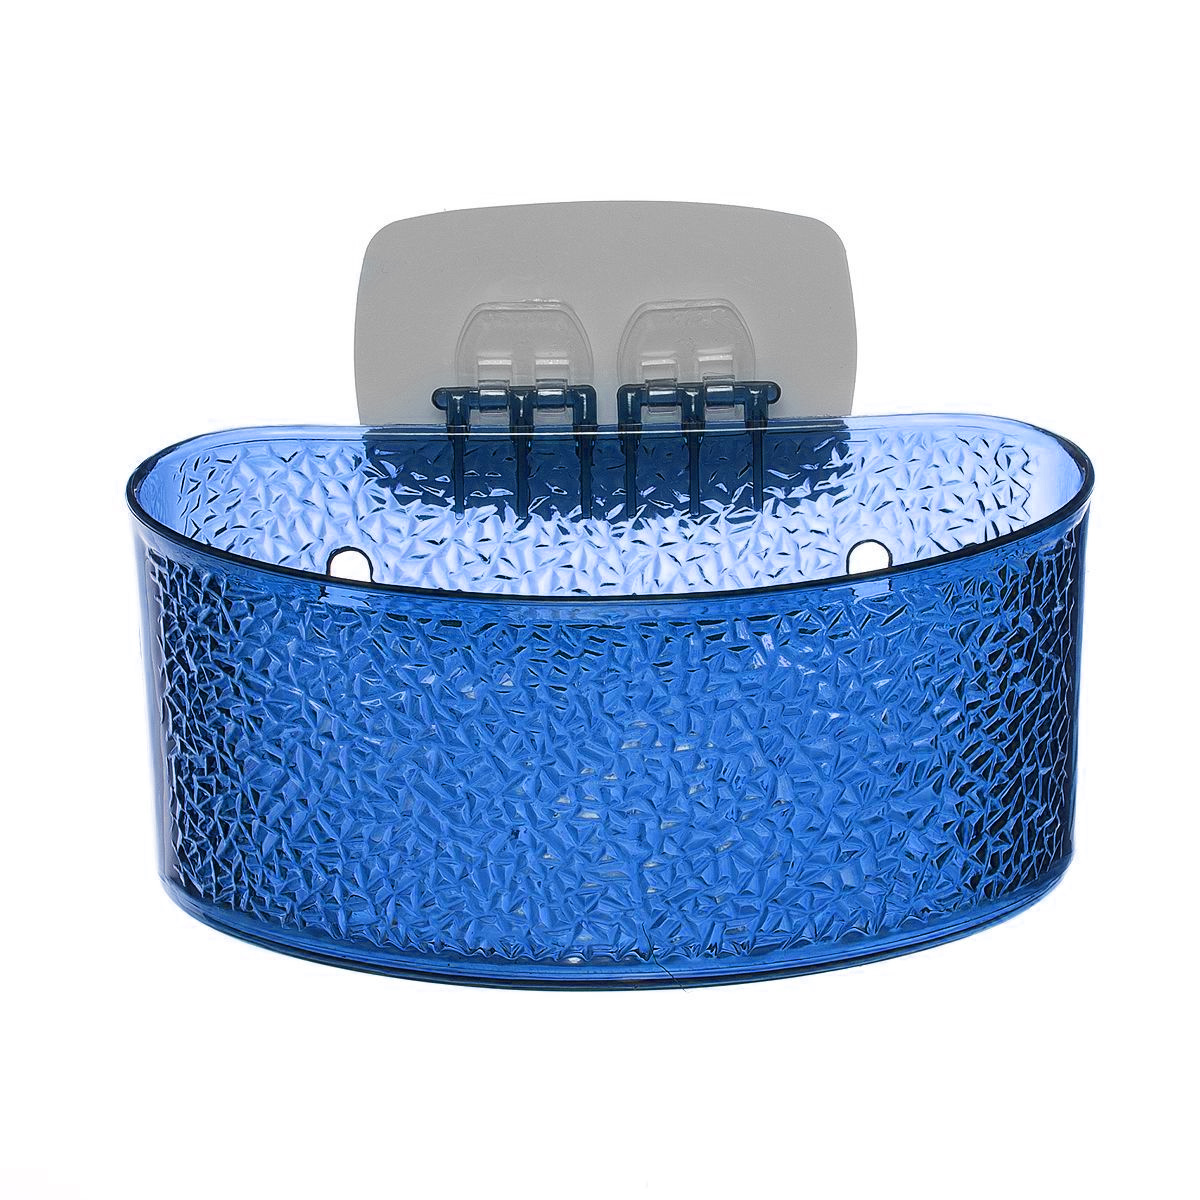 Полка для ванной комнаты Fresh Code, на липкой основе, цвет: синий, 19 х 10 х 10 см391602Полка для ванной комнаты Fresh Code выполнена из ABS пластика. Крепление на липкой основе многократного использования идеально подходит для гладкой поверхности. Полка поможет создать настроение вашей ванной комнаты. Подходит для всех типов гладких поверхностей. Максимальная нагрузка 3 кг.